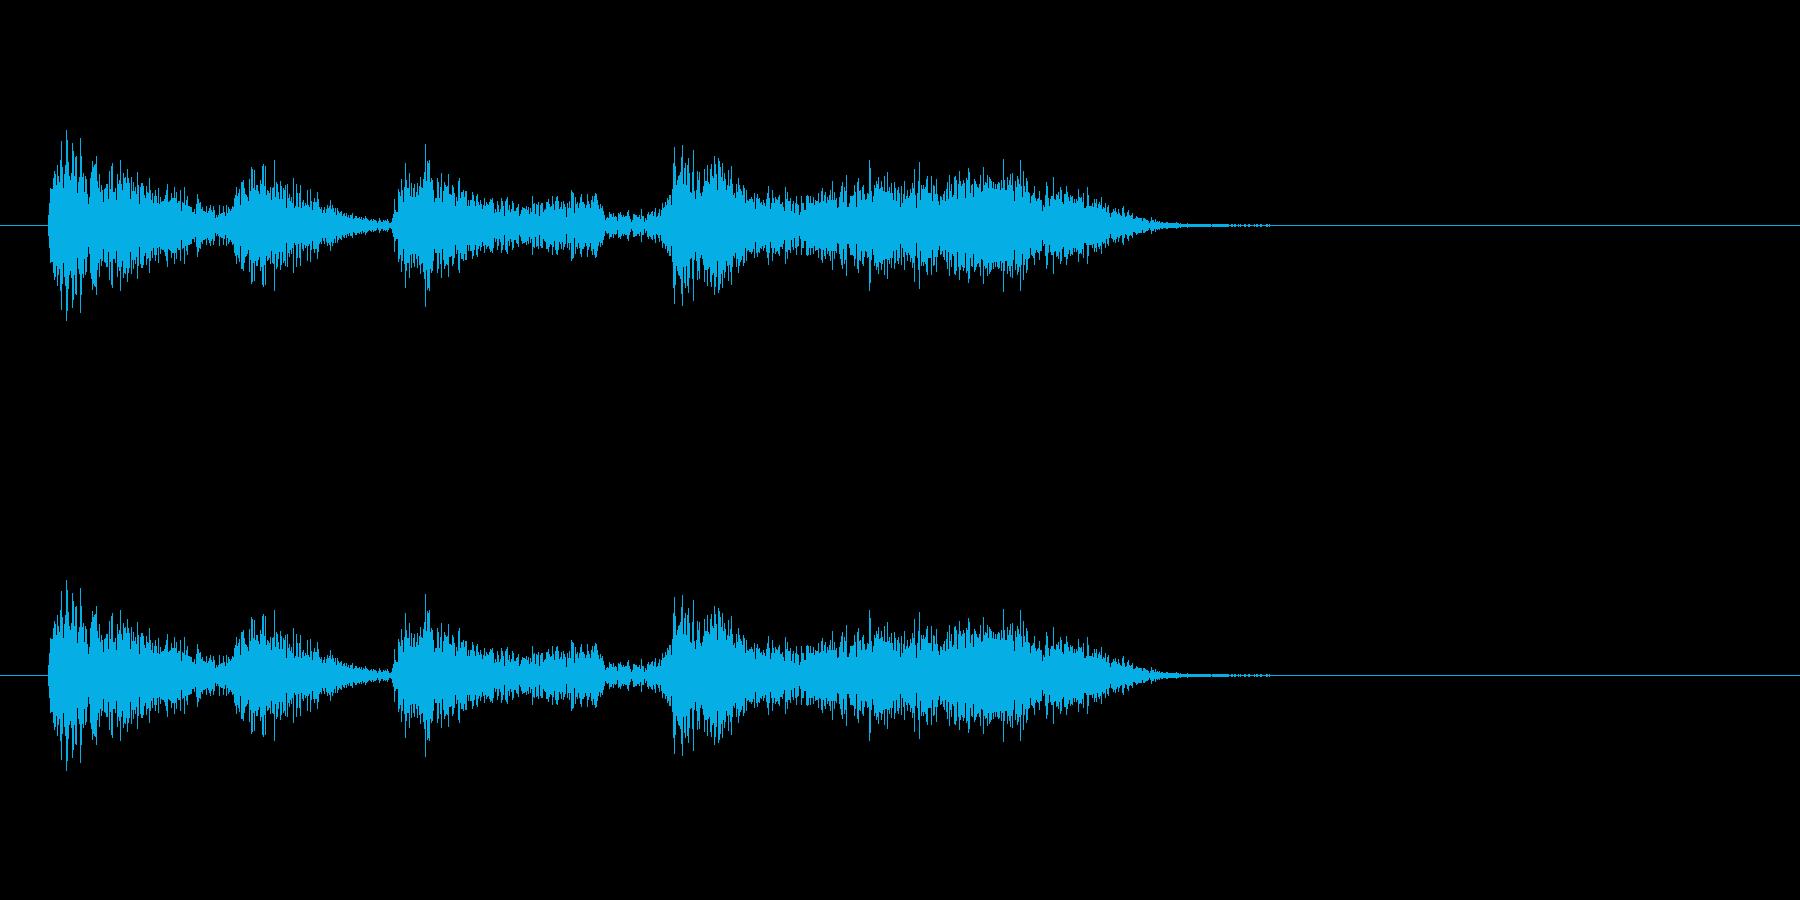 ボコーダー加工ボイスサンプルの再生済みの波形